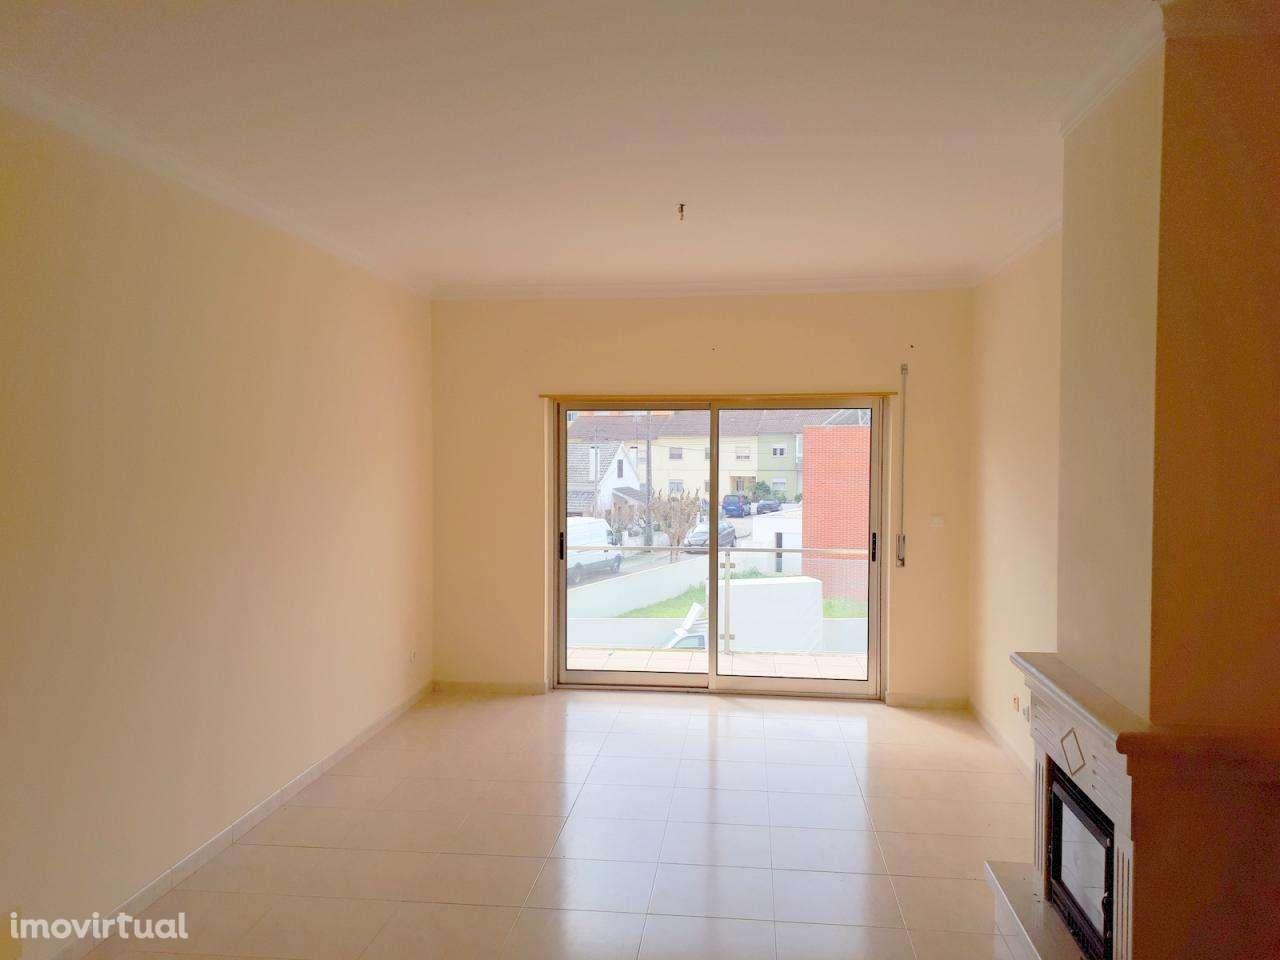 Apartamento para comprar, Sapataria, Lisboa - Foto 4